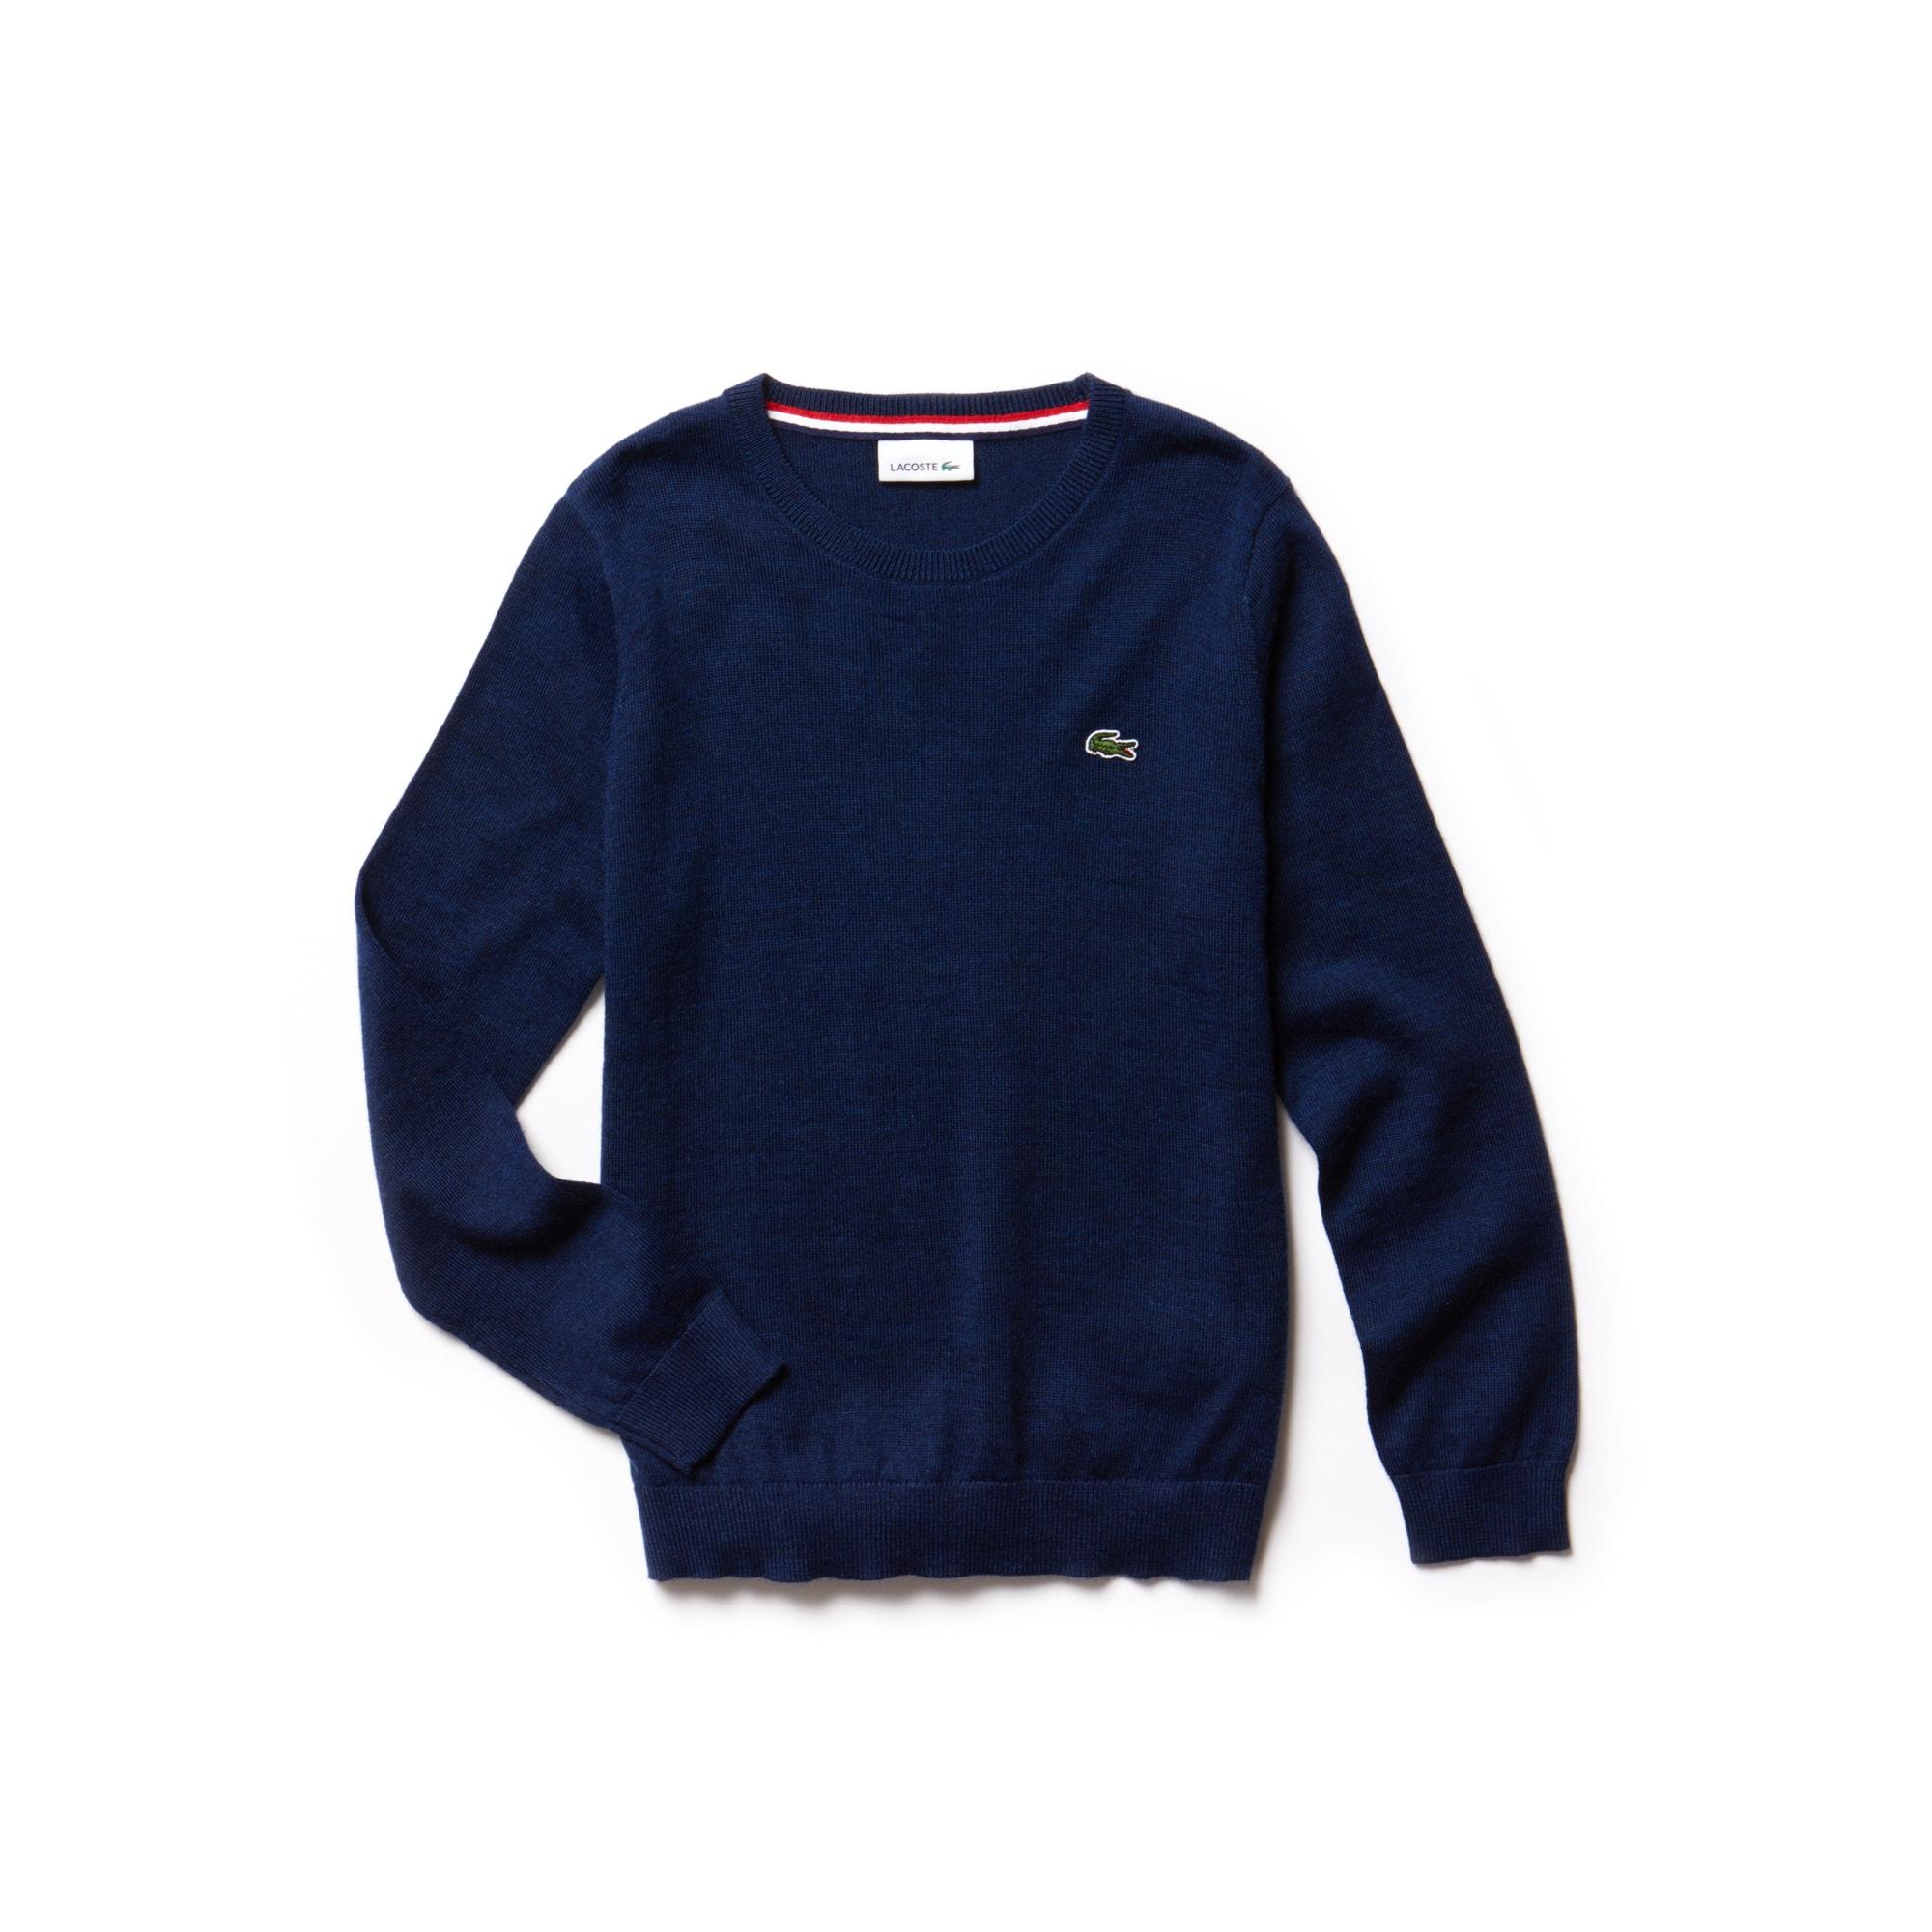 (키즈) 스몰 크록 베이직 스웨터